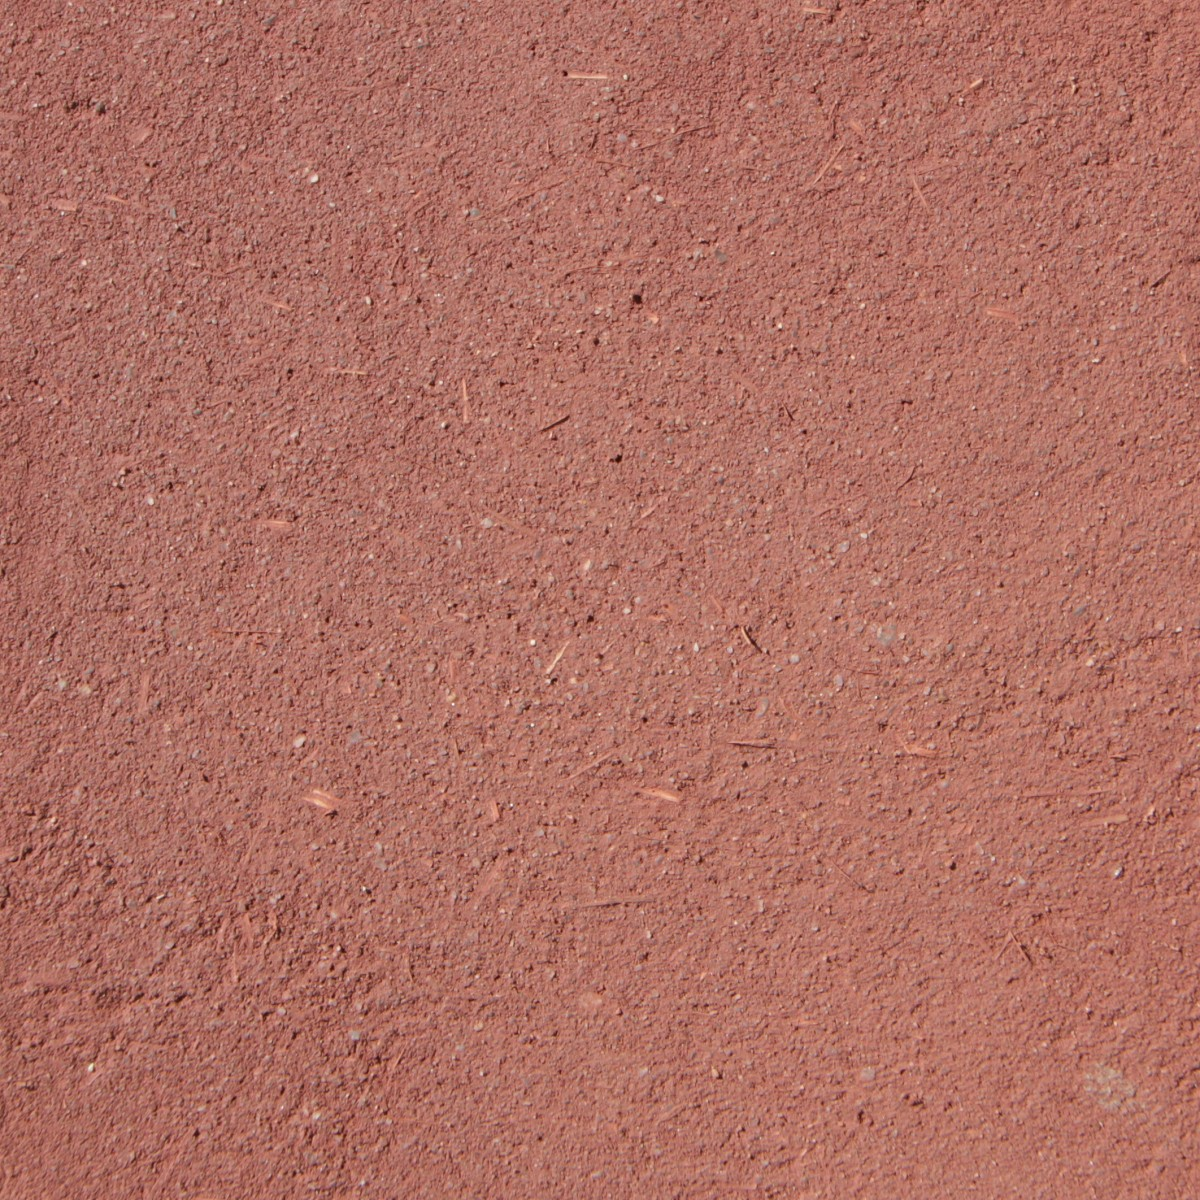 Rouge de Pradel